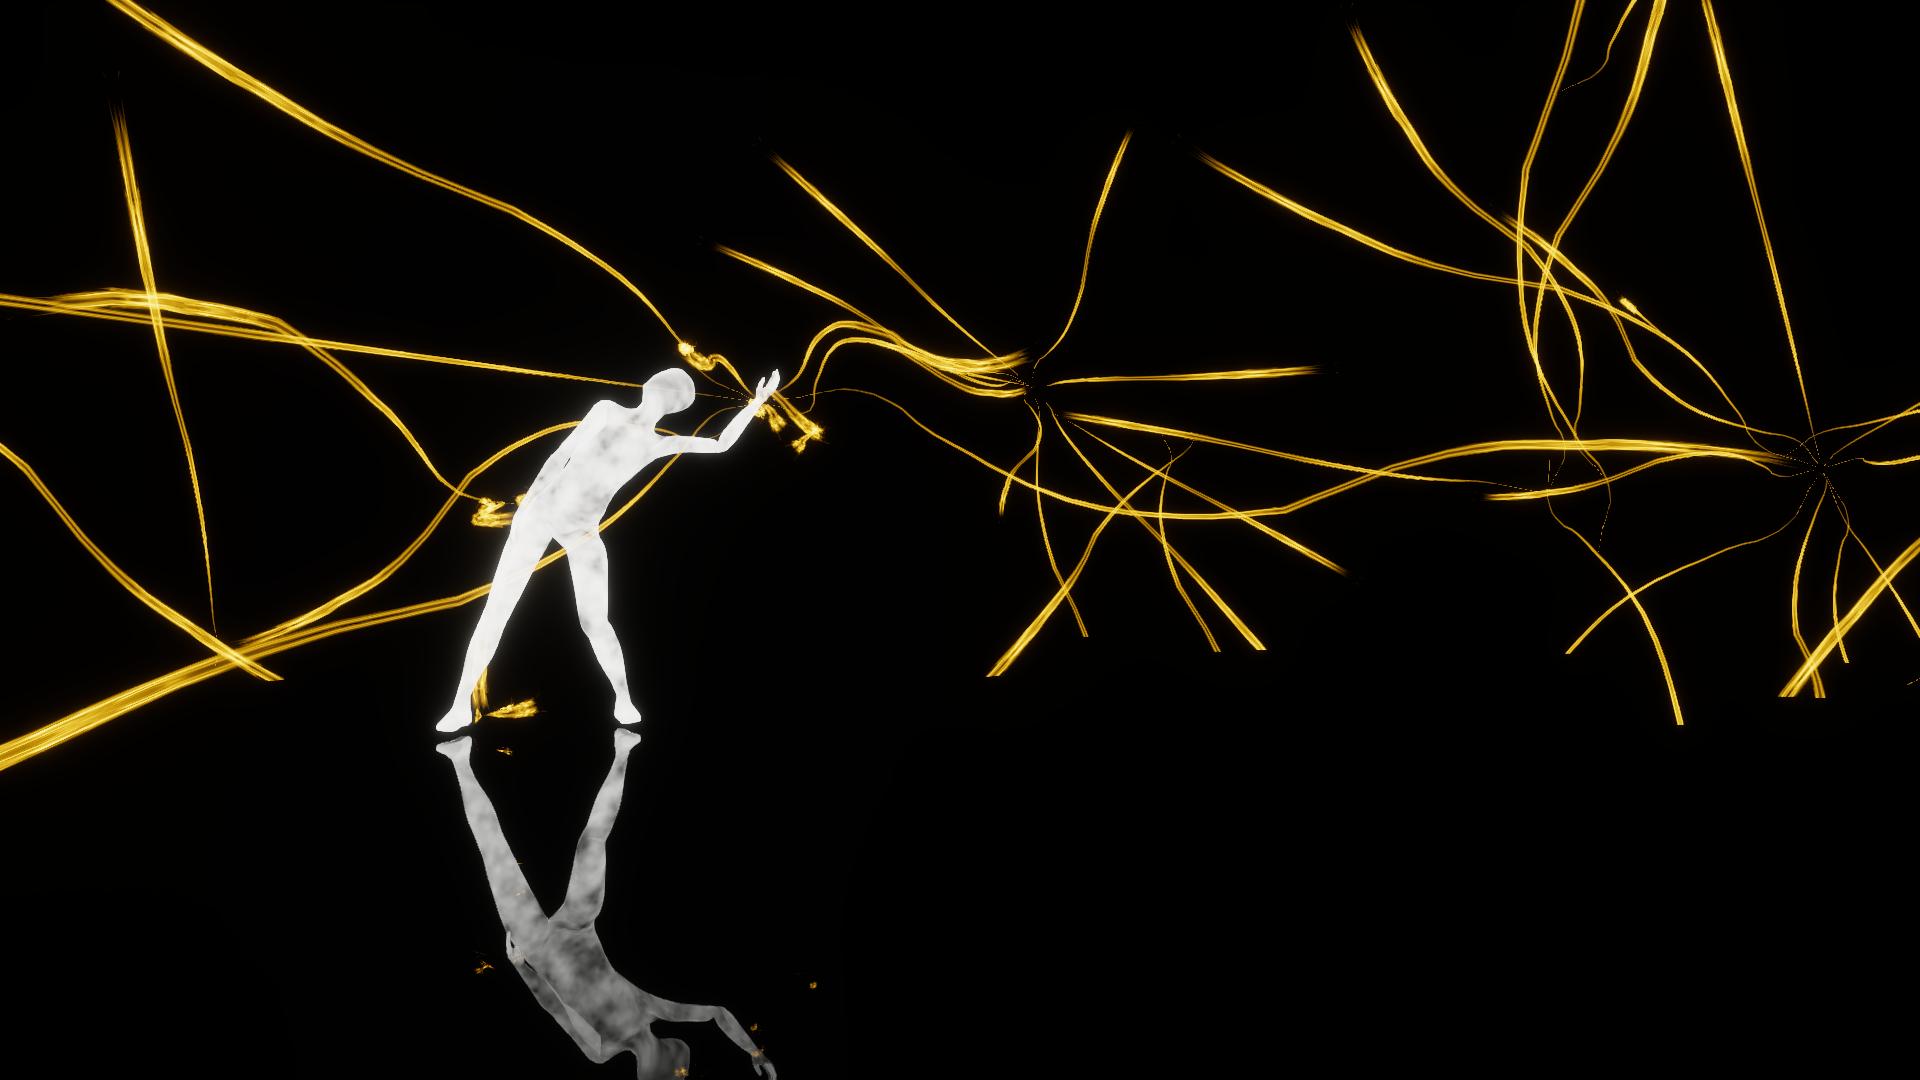 Sublimation by Karolina Markiewicz, Pascal Piron Venice VR 2019